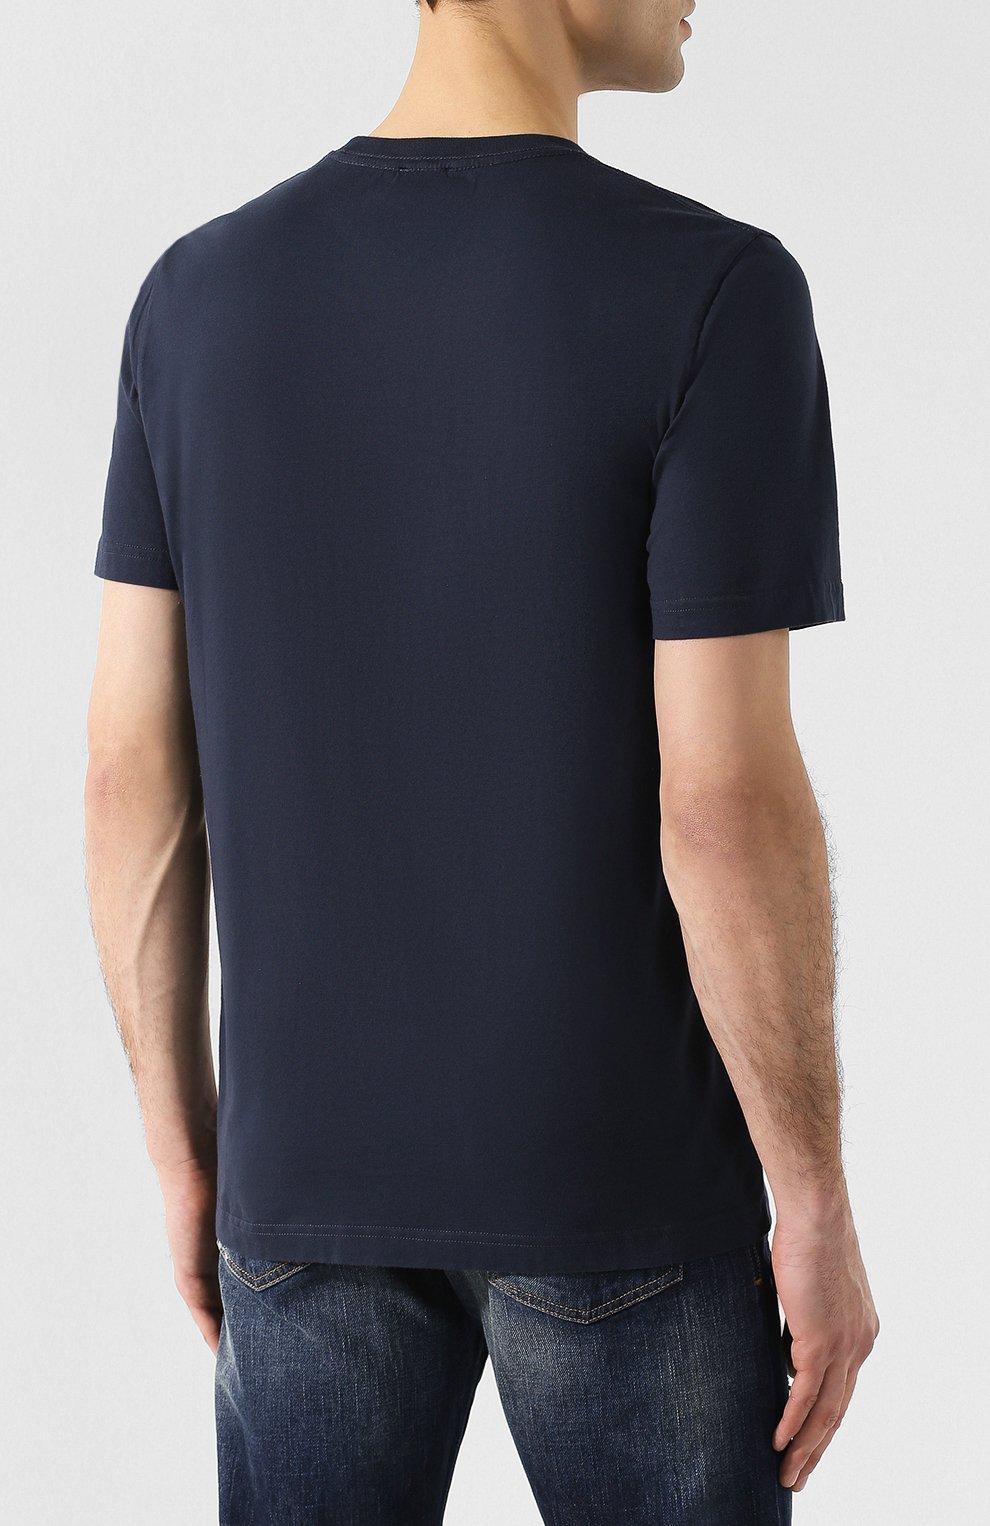 Хлопковая футболка Diesel темно-синяя   Фото №4